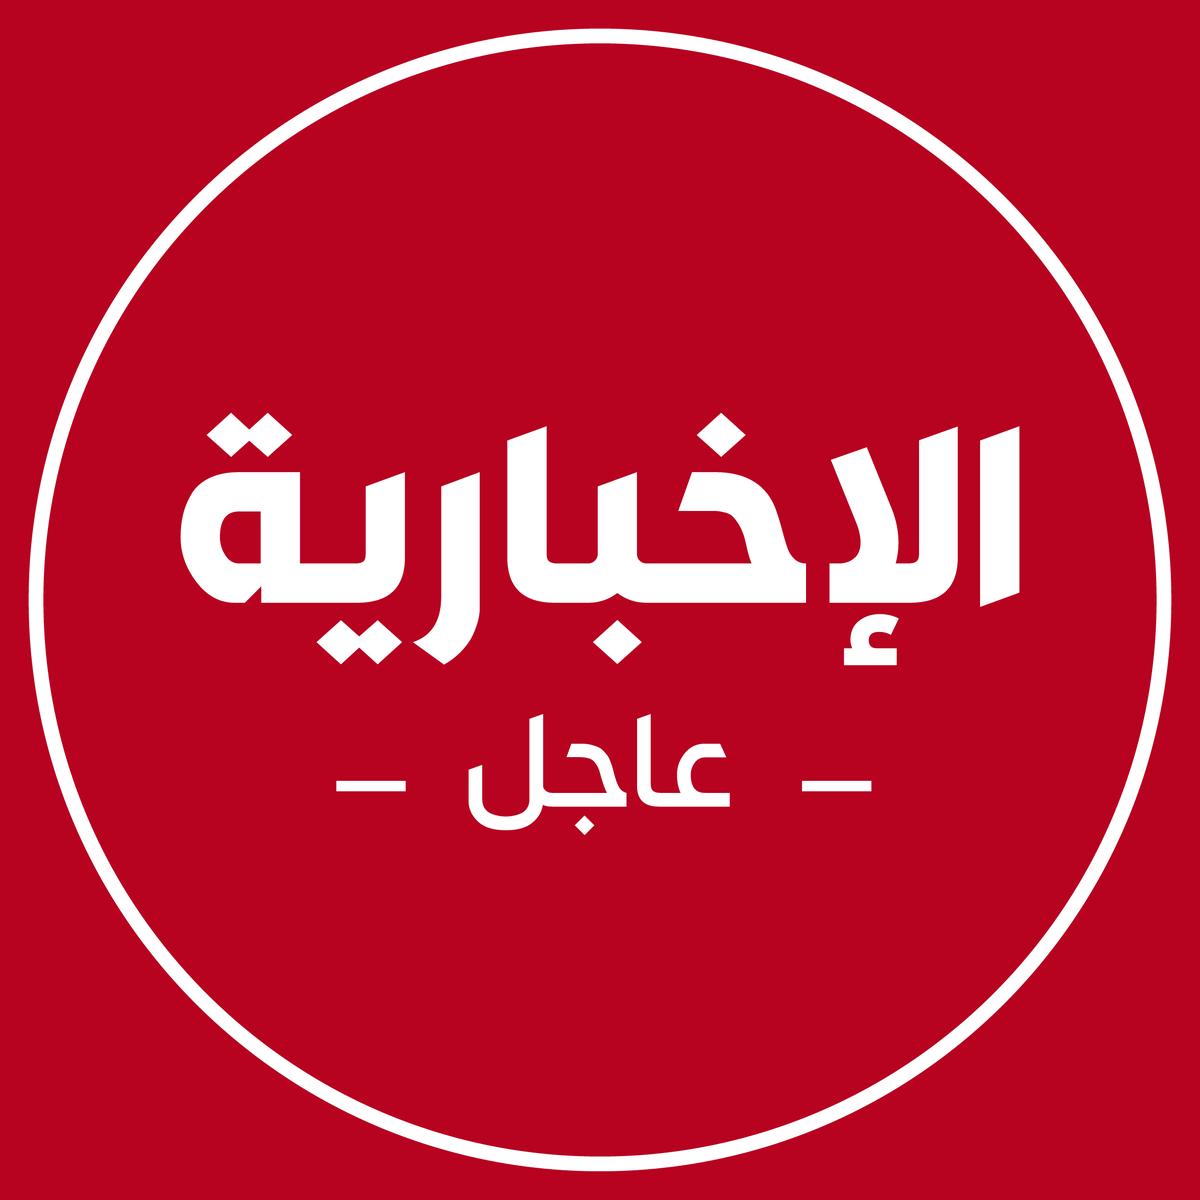 المملكة: العدوان التركي على سوريا له انعكاسات سلبية على أمن المنطقة واستقر